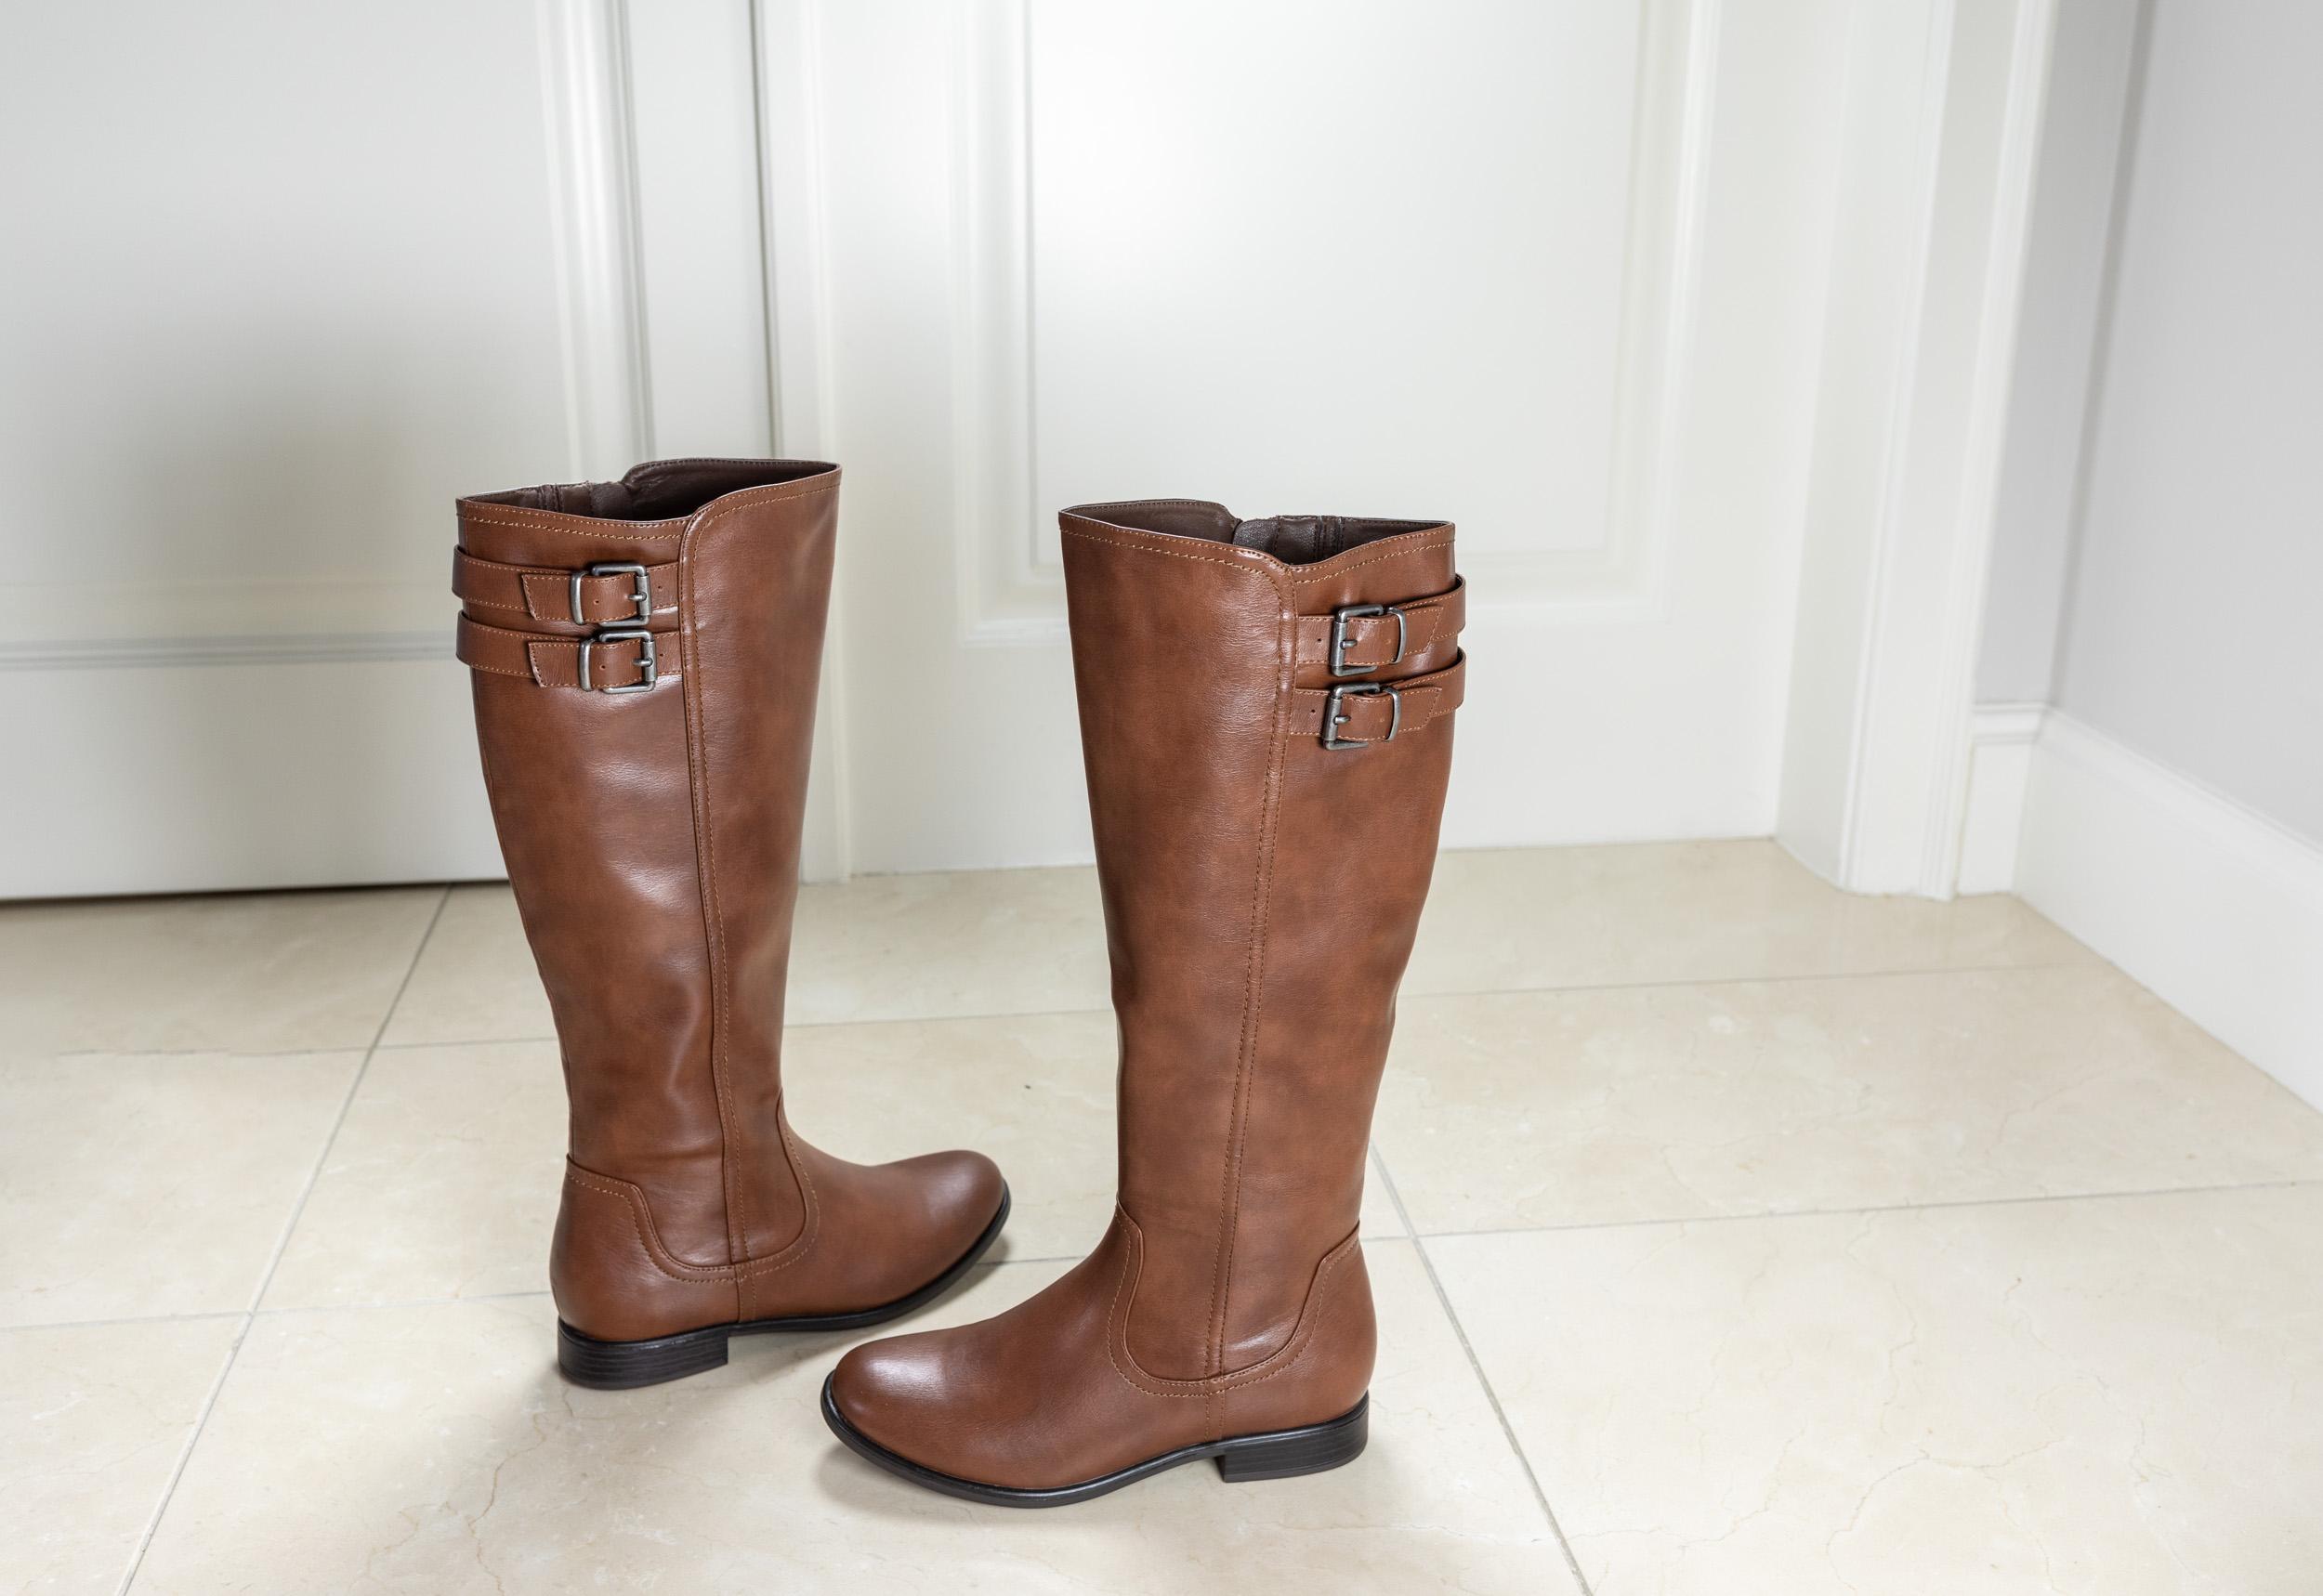 tendenze stivali - stivali con gambale largo, Deichmann